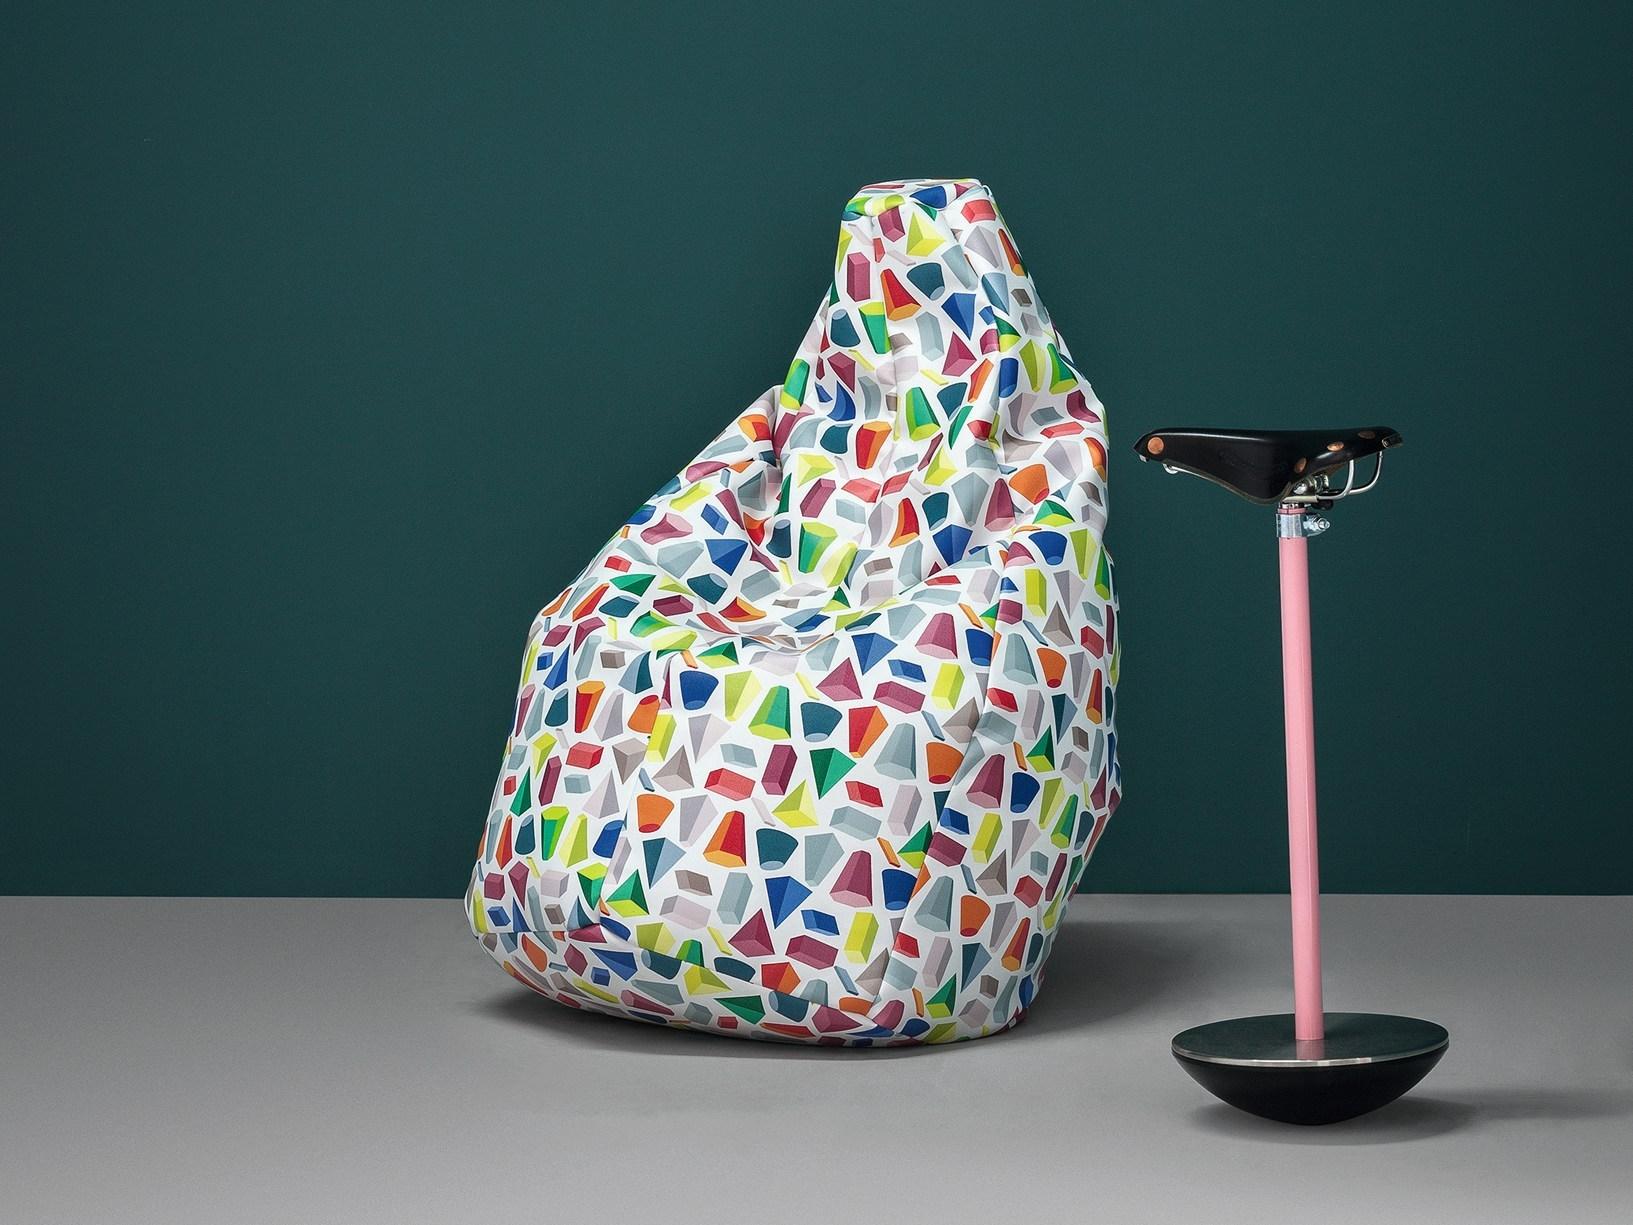 Sacco Armchair by Gatti-Paolini-Teodoro for Zanotta